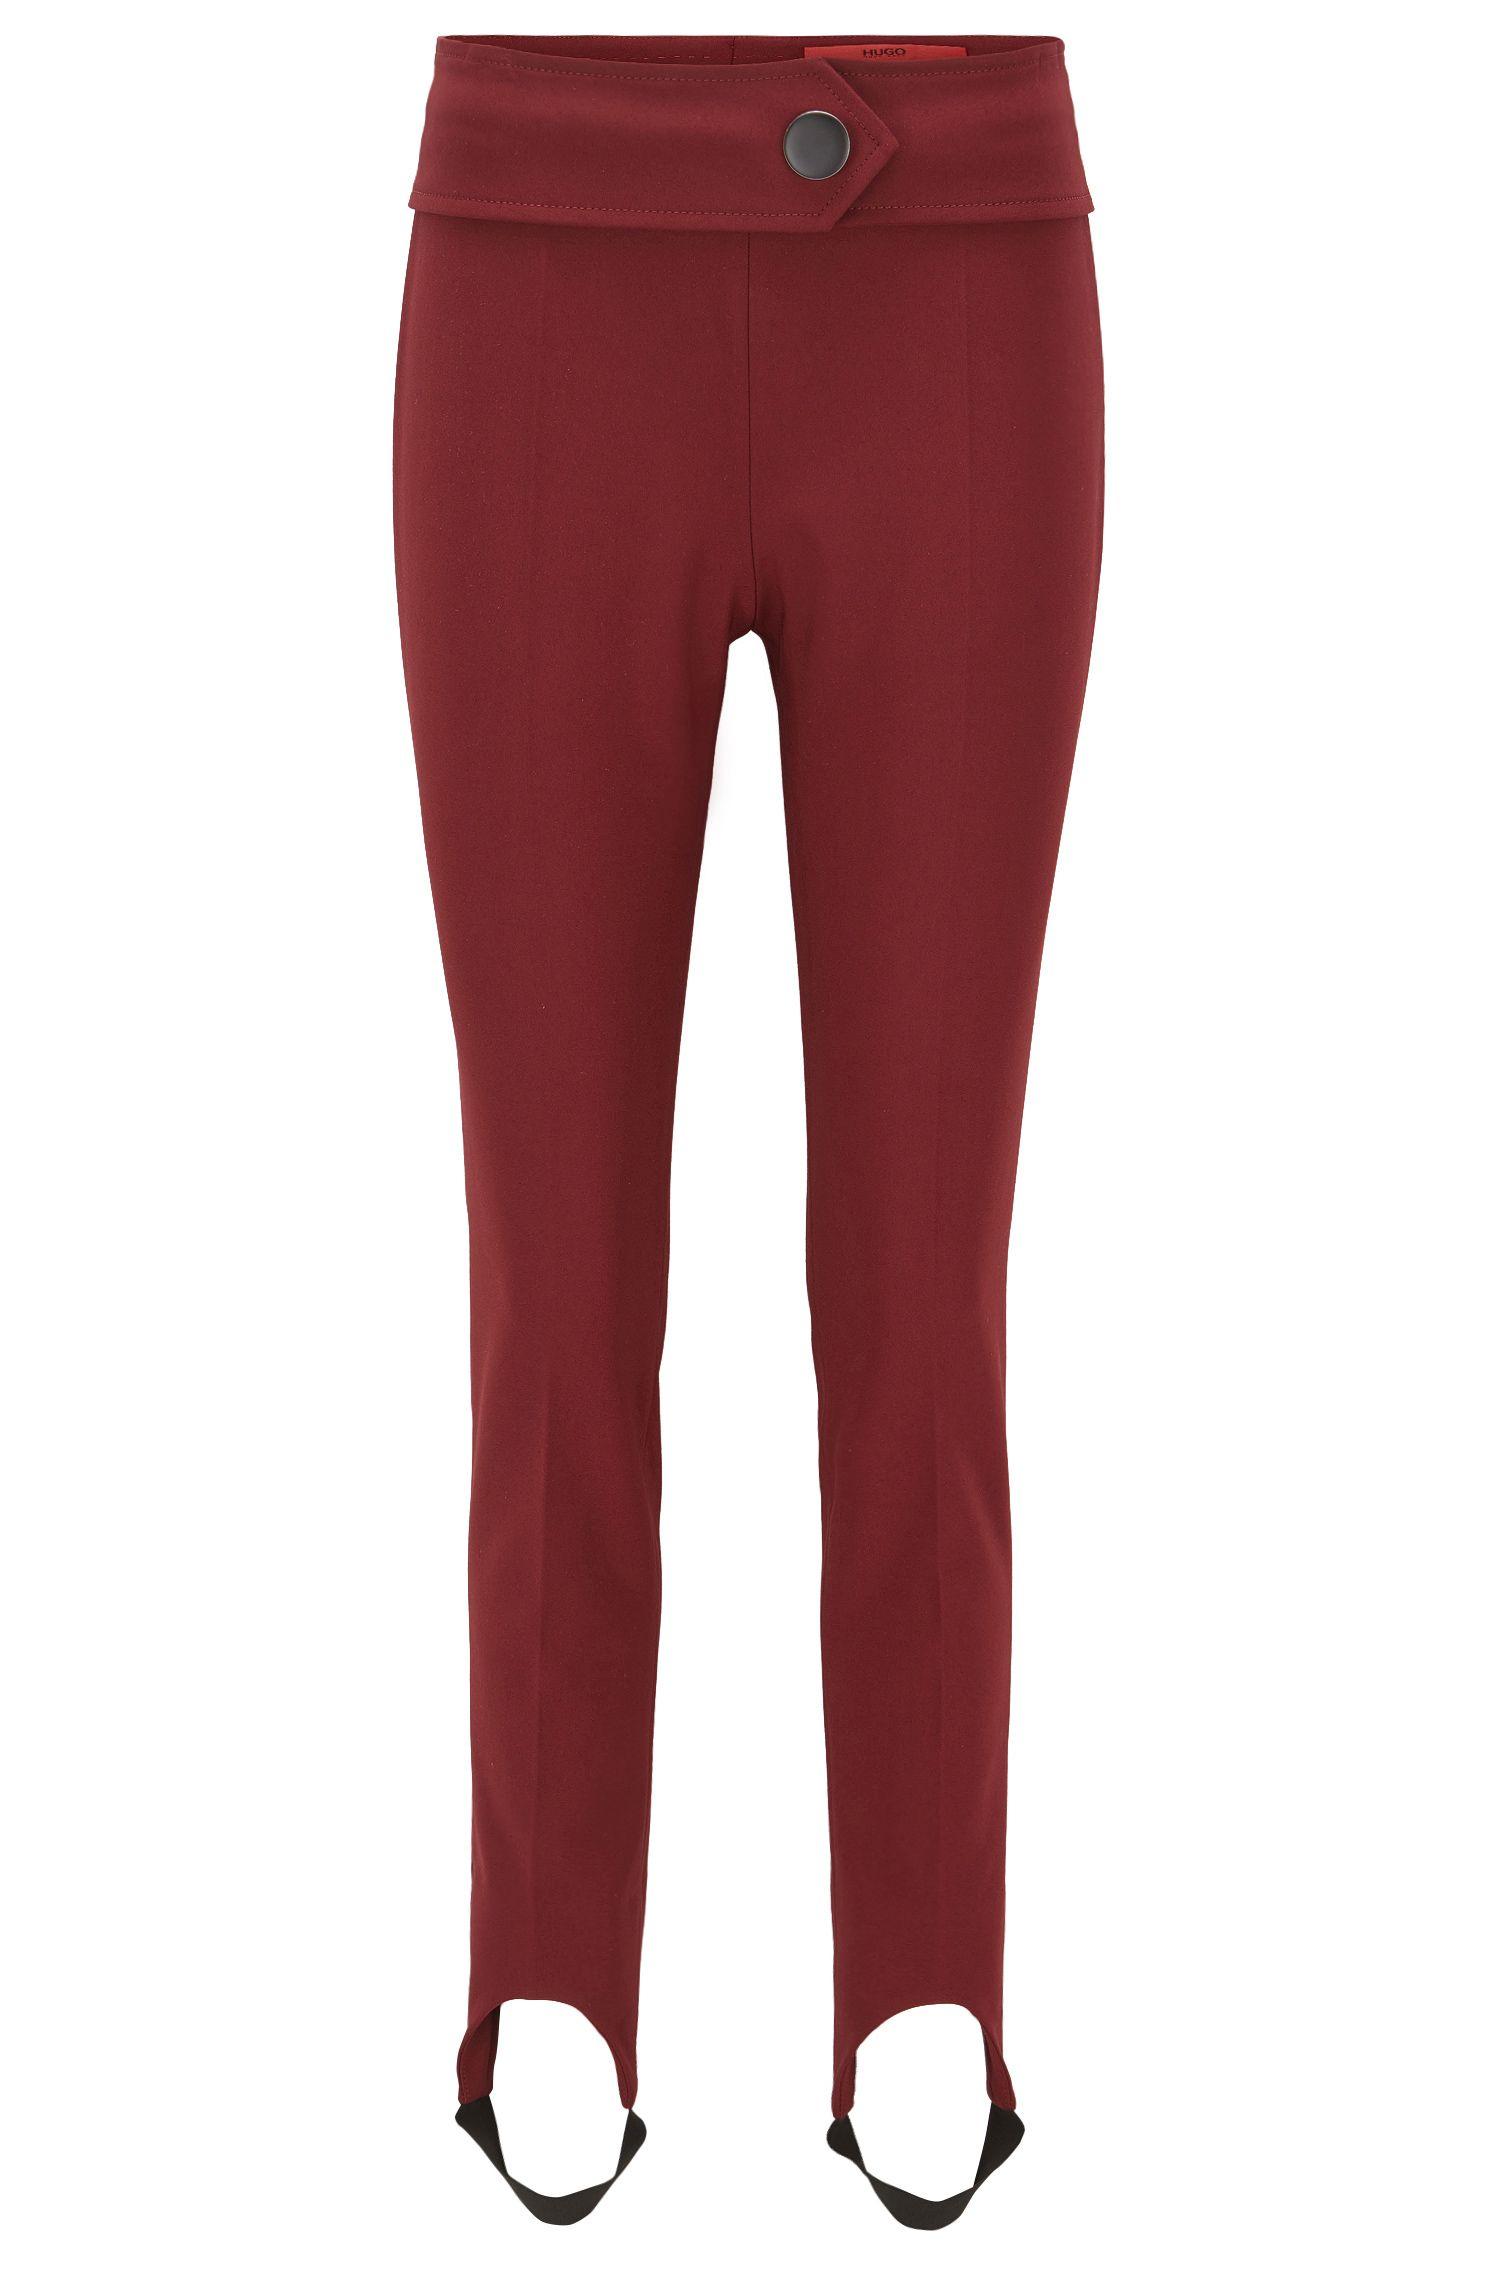 Pantalon Skinny Fit en coton stretch mélangé avec étriers